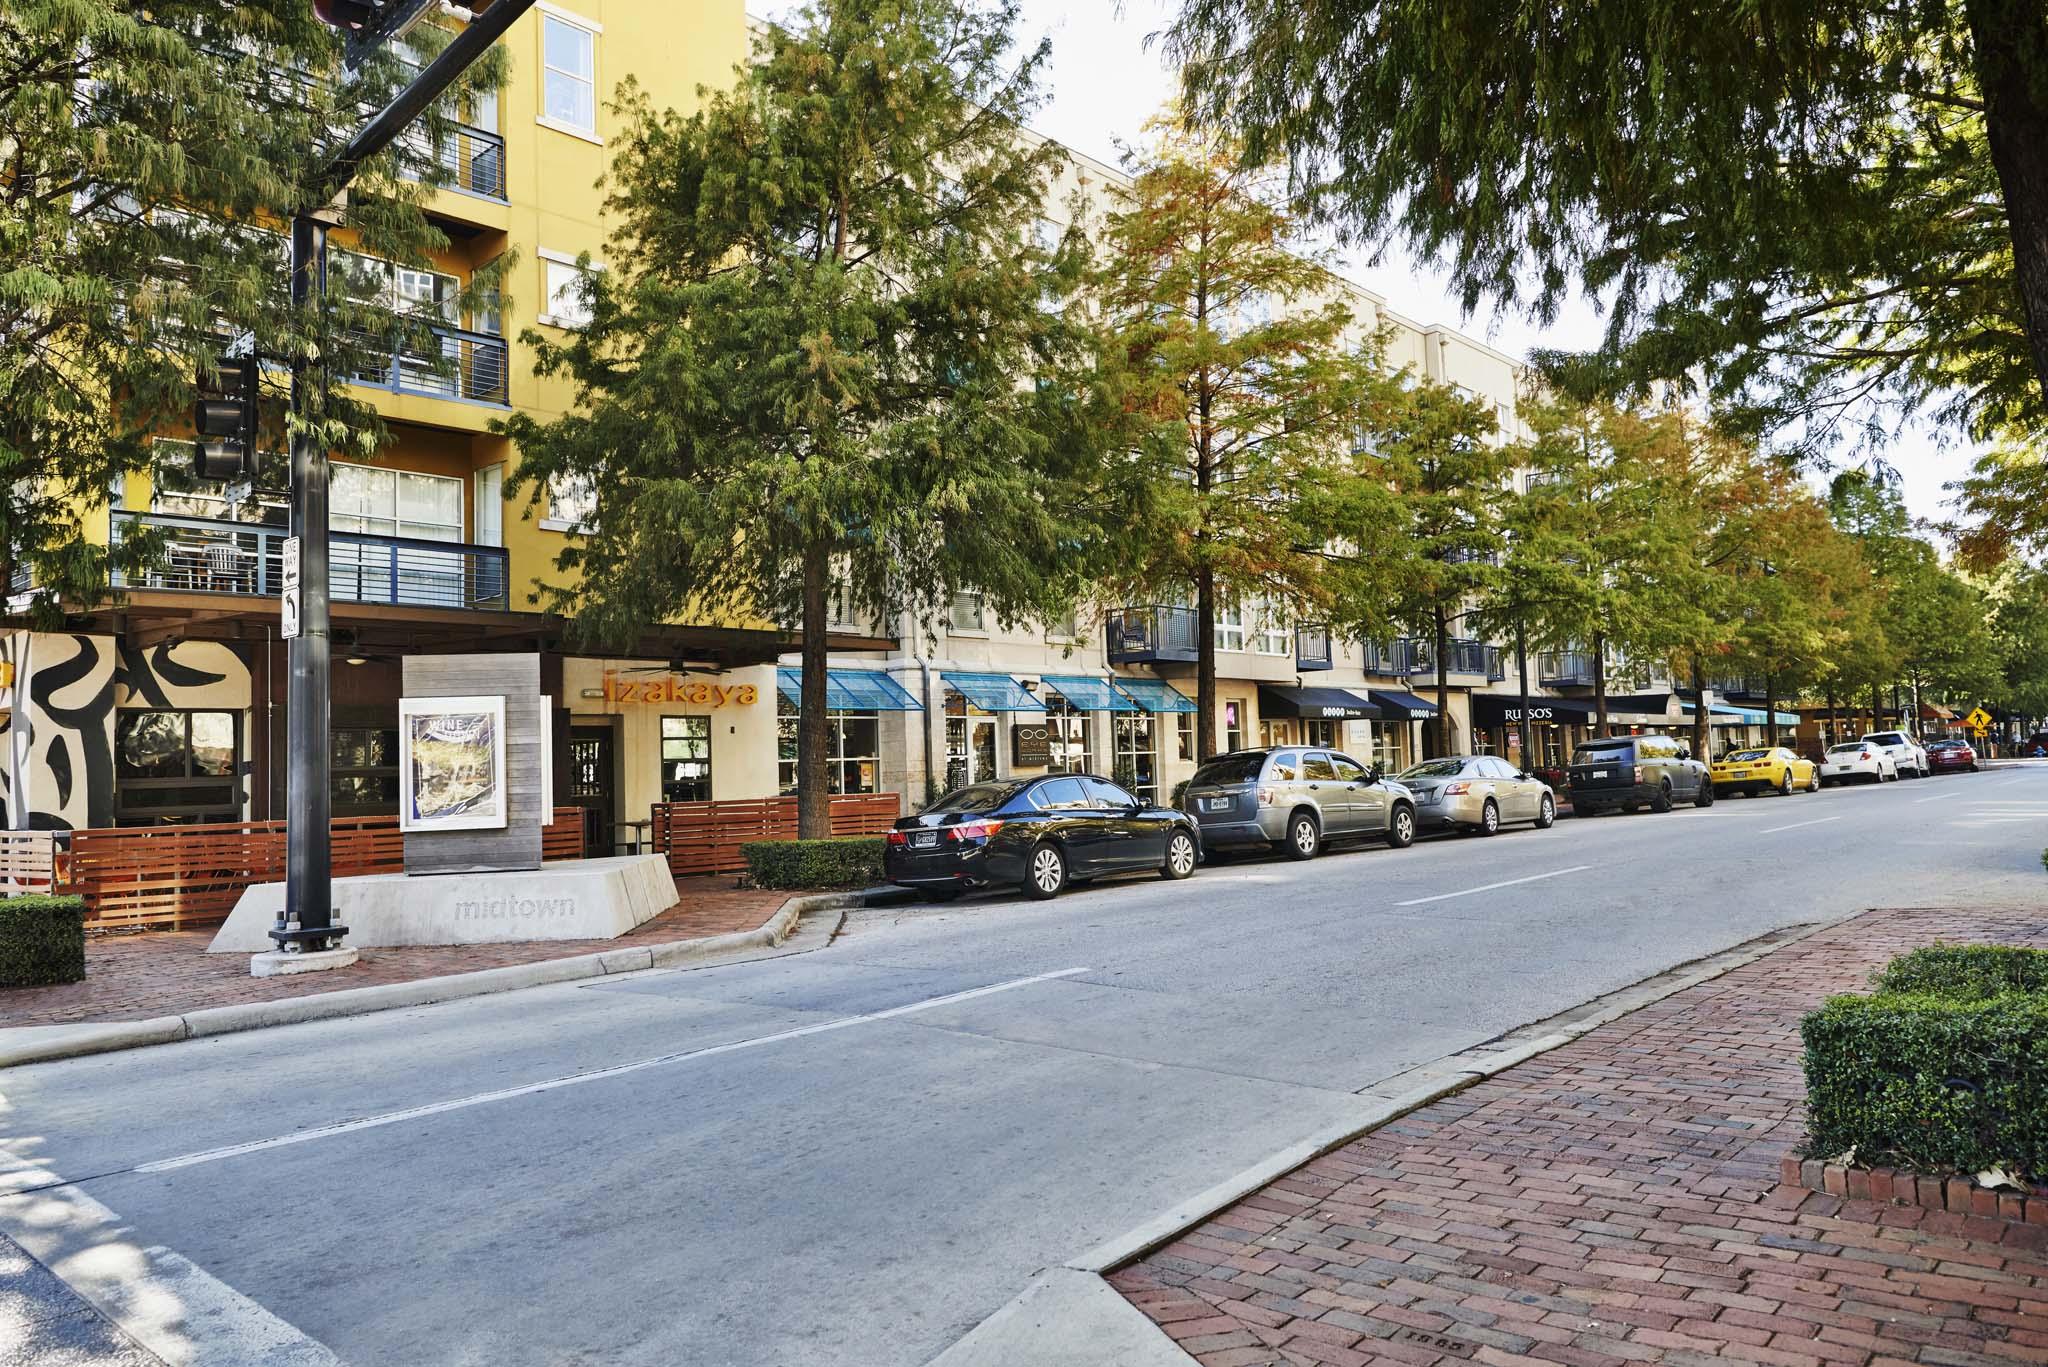 Walkable bars and restaurants in Midtown Houston